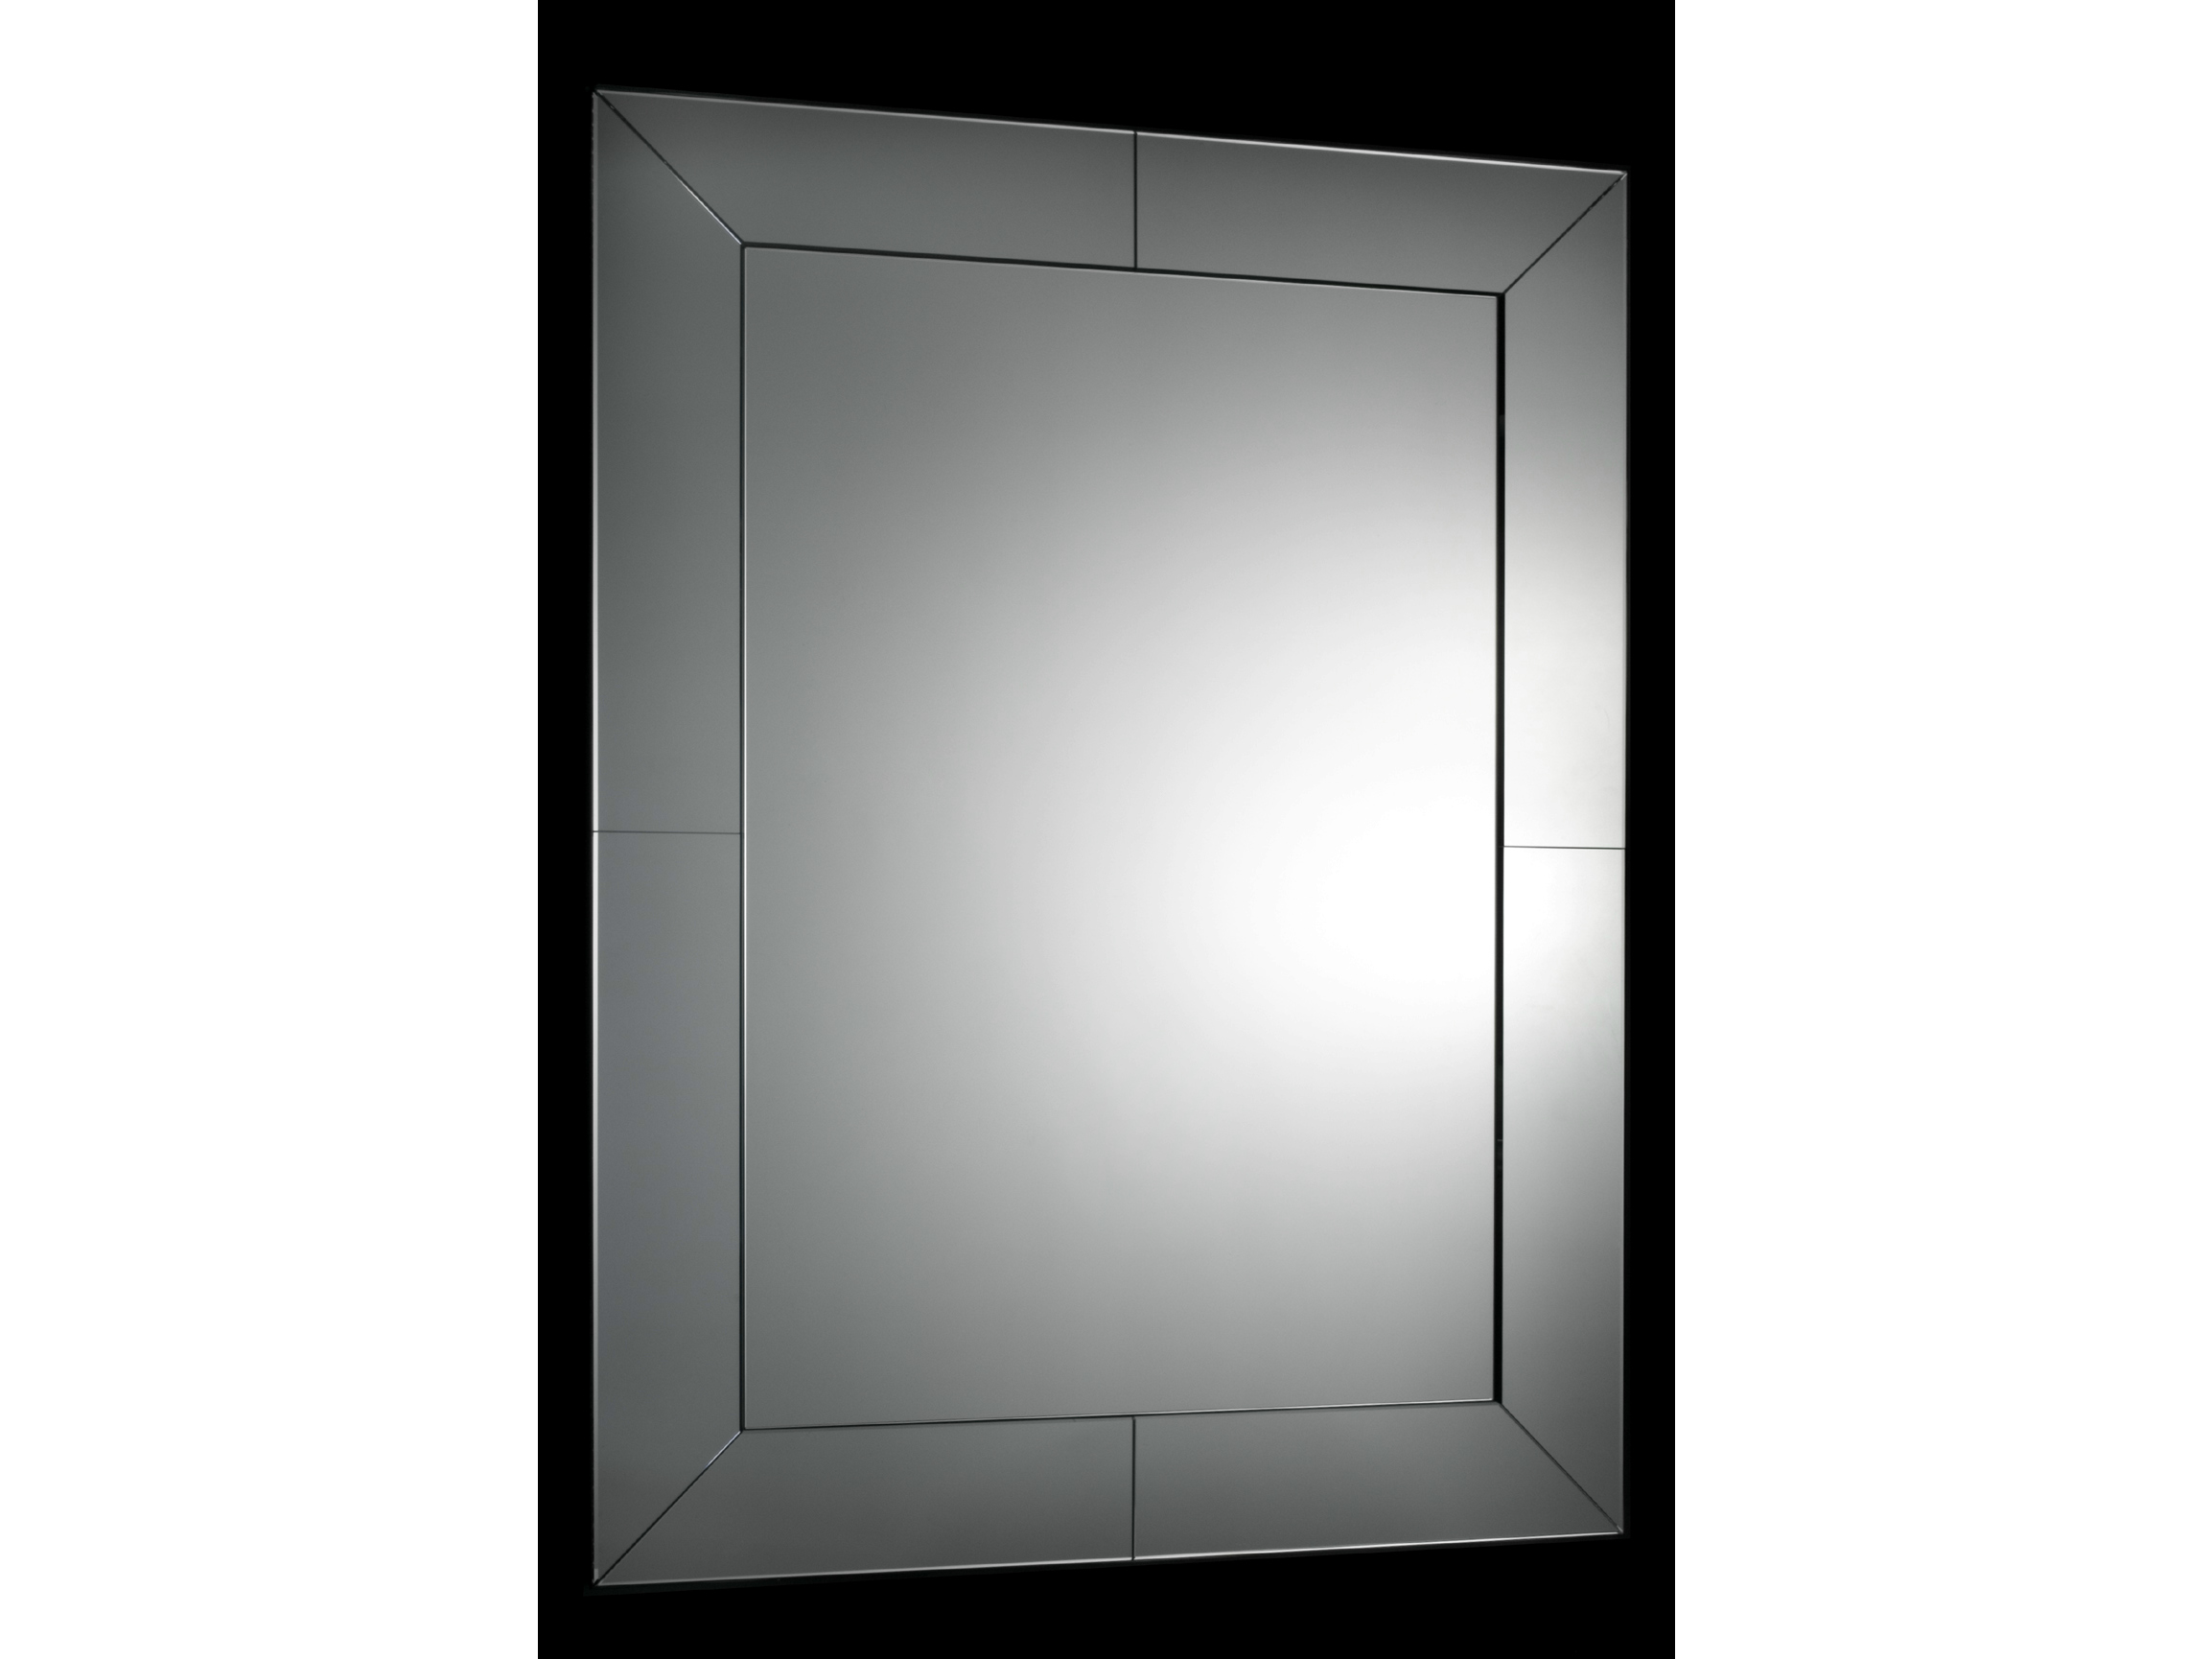 Miroir mural avec cadre pour salle de bain veneziana by for Miroir 3 volets salle de bain